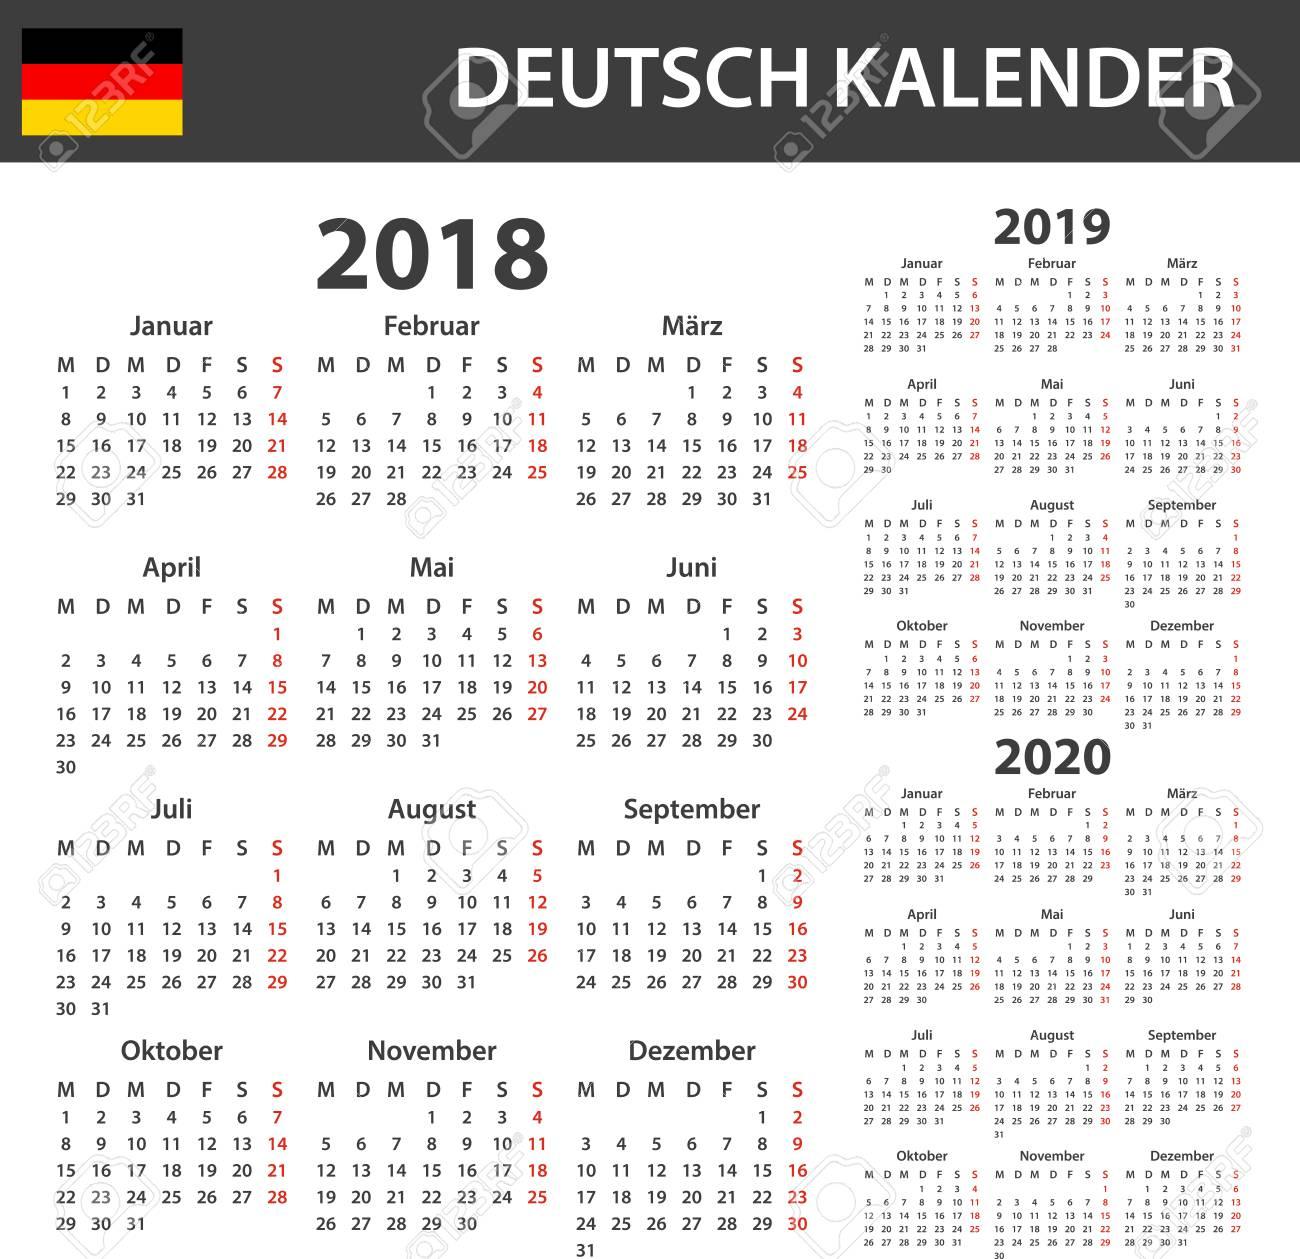 Calendrier Allemand 2020.Calendrier Allemand Pour 2018 2019 Et 2020 Modele D Horaire D Agenda Ou D Agenda La Semaine Commence Le Lundi